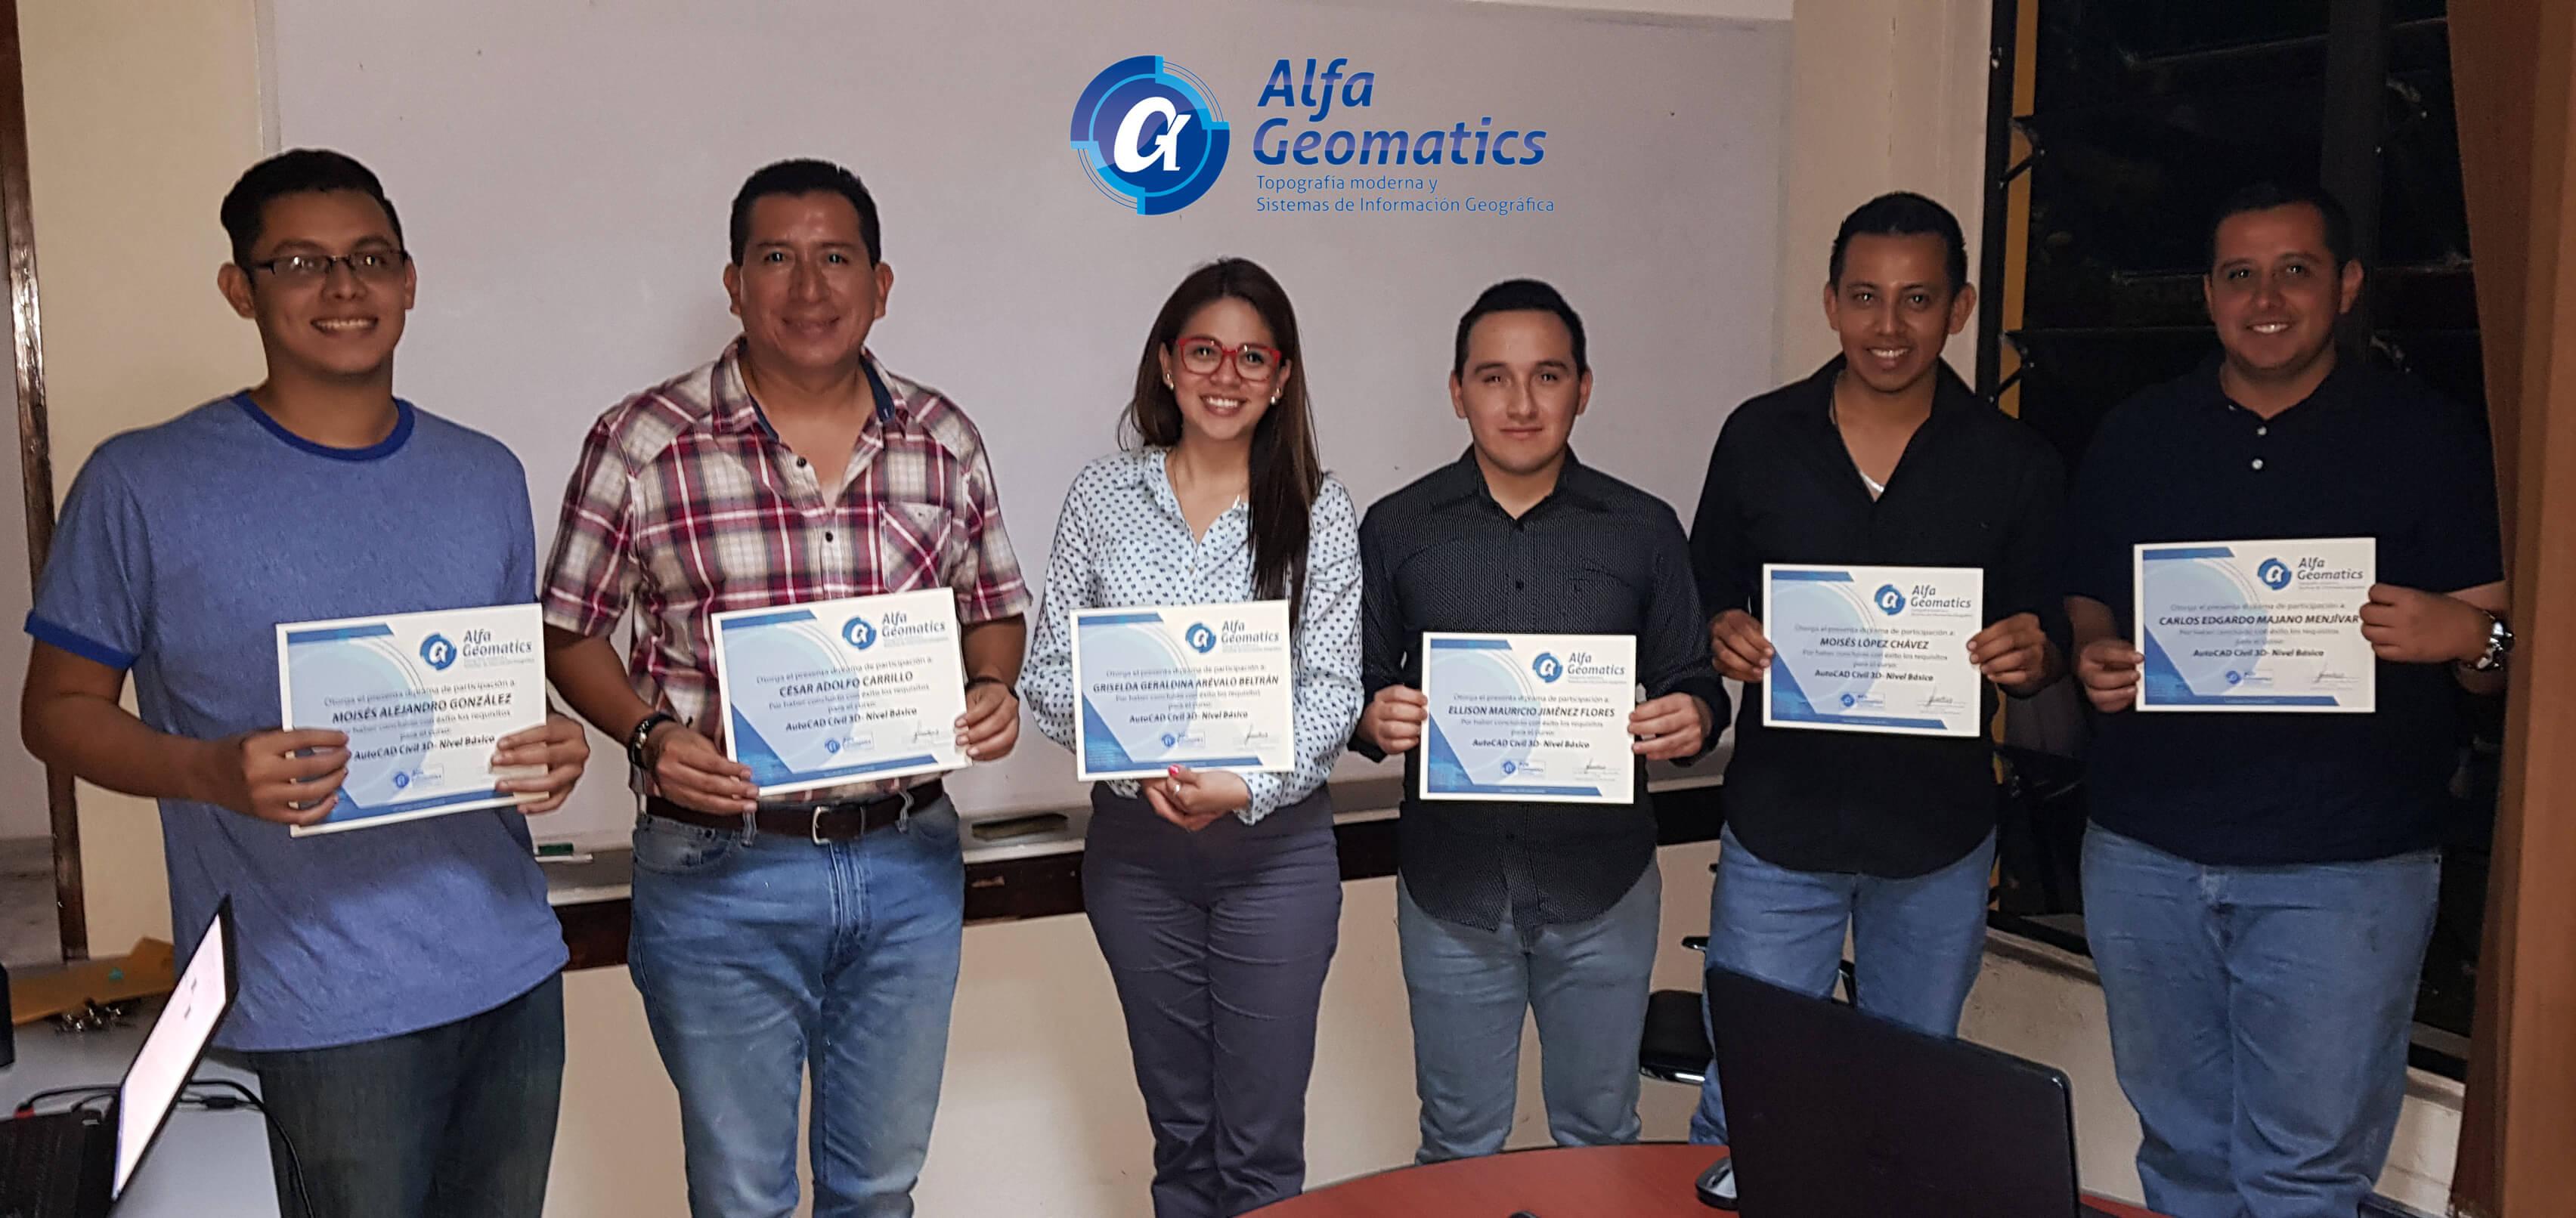 Estudiantes de cursos Alfa Geomatics